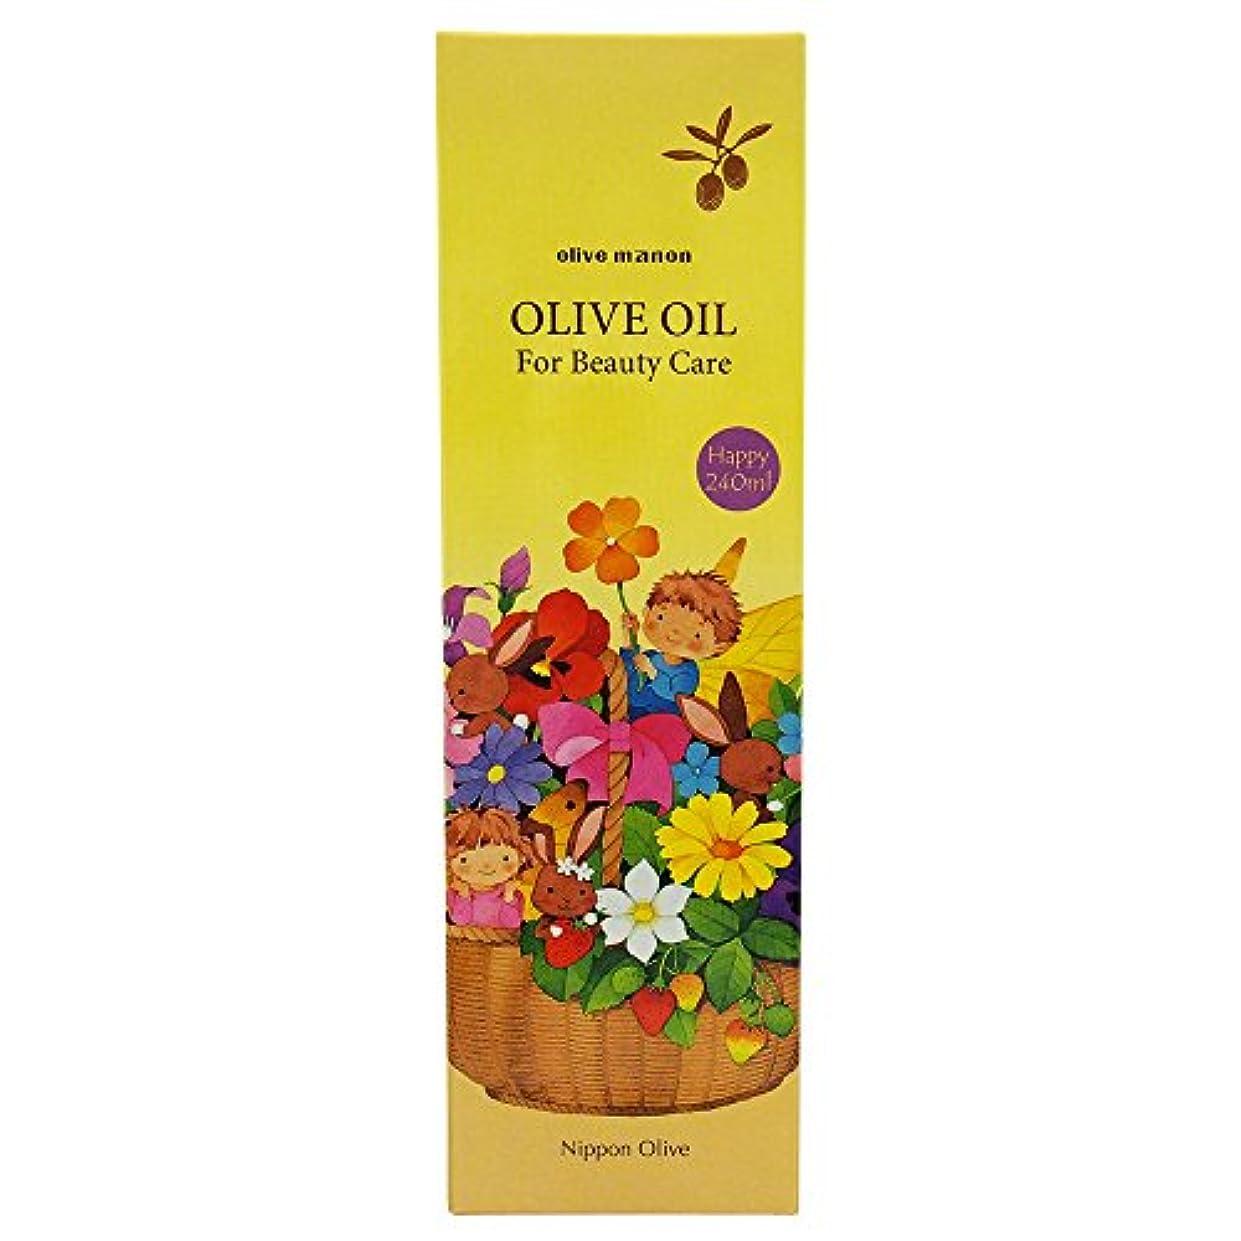 強い故意の届けるオリーブマノン 化粧用オリーブオイル (240ml)